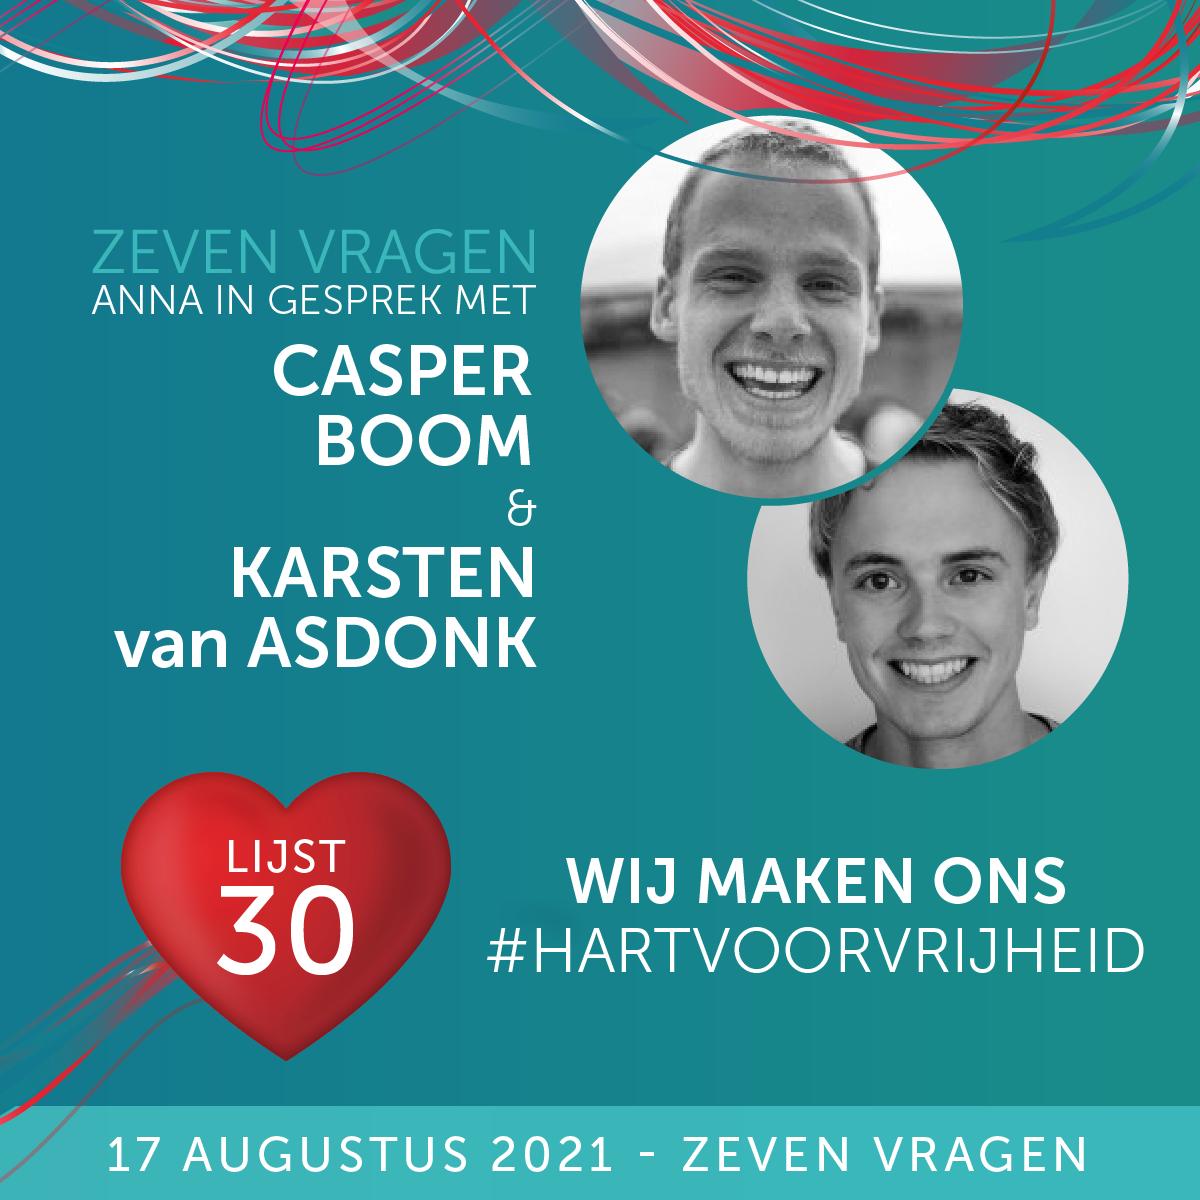 Zeven vragen - Casper & Karsten